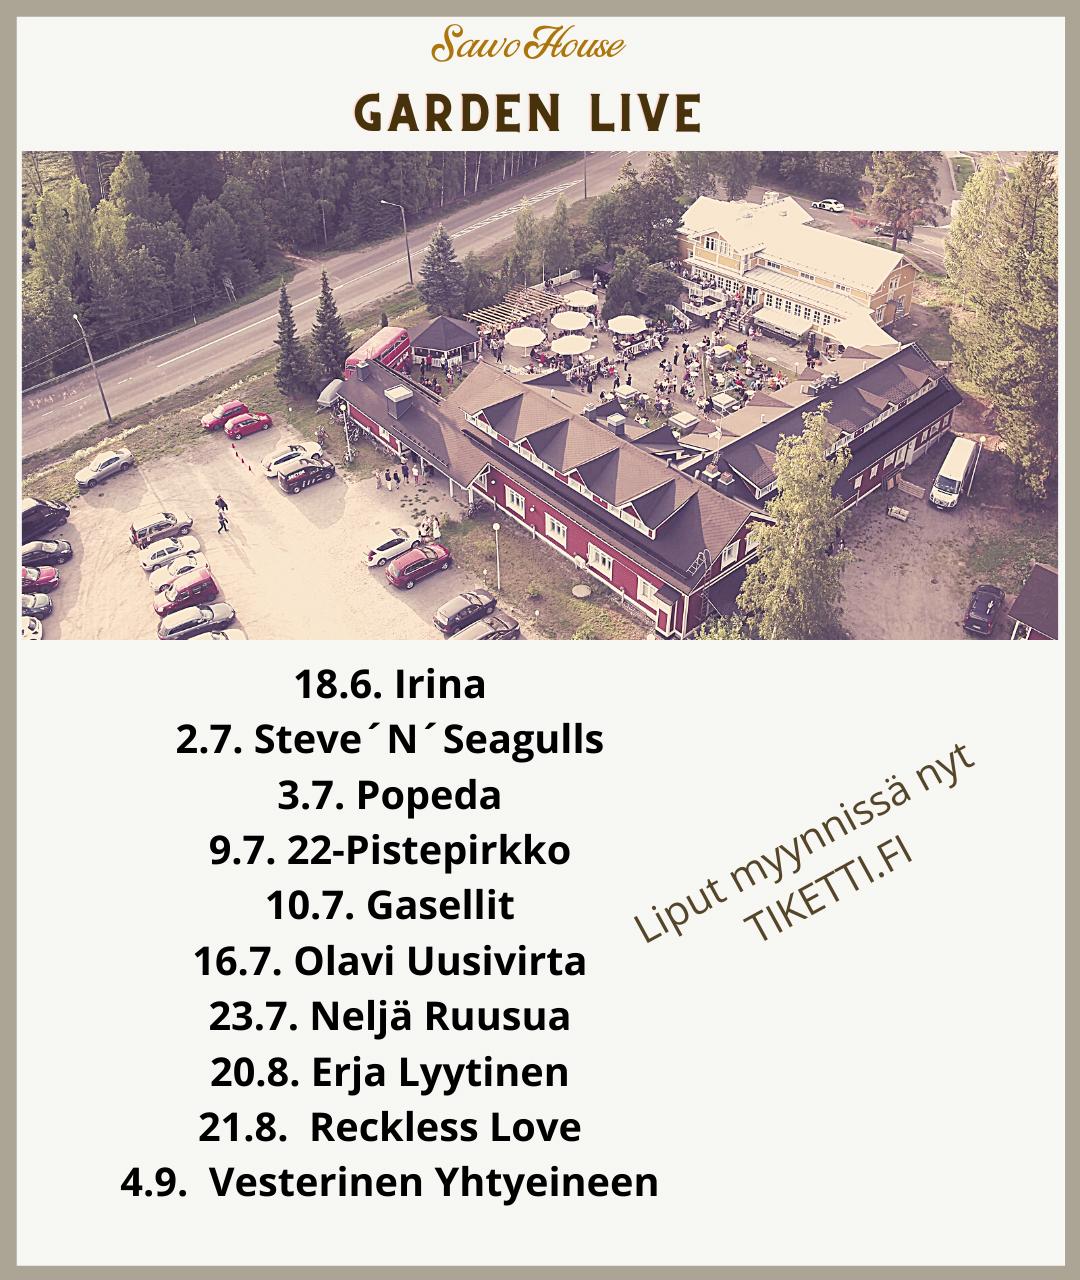 Gardenlive keikkajuliste, jossa esiintyvien artistien keikka-aikataulut